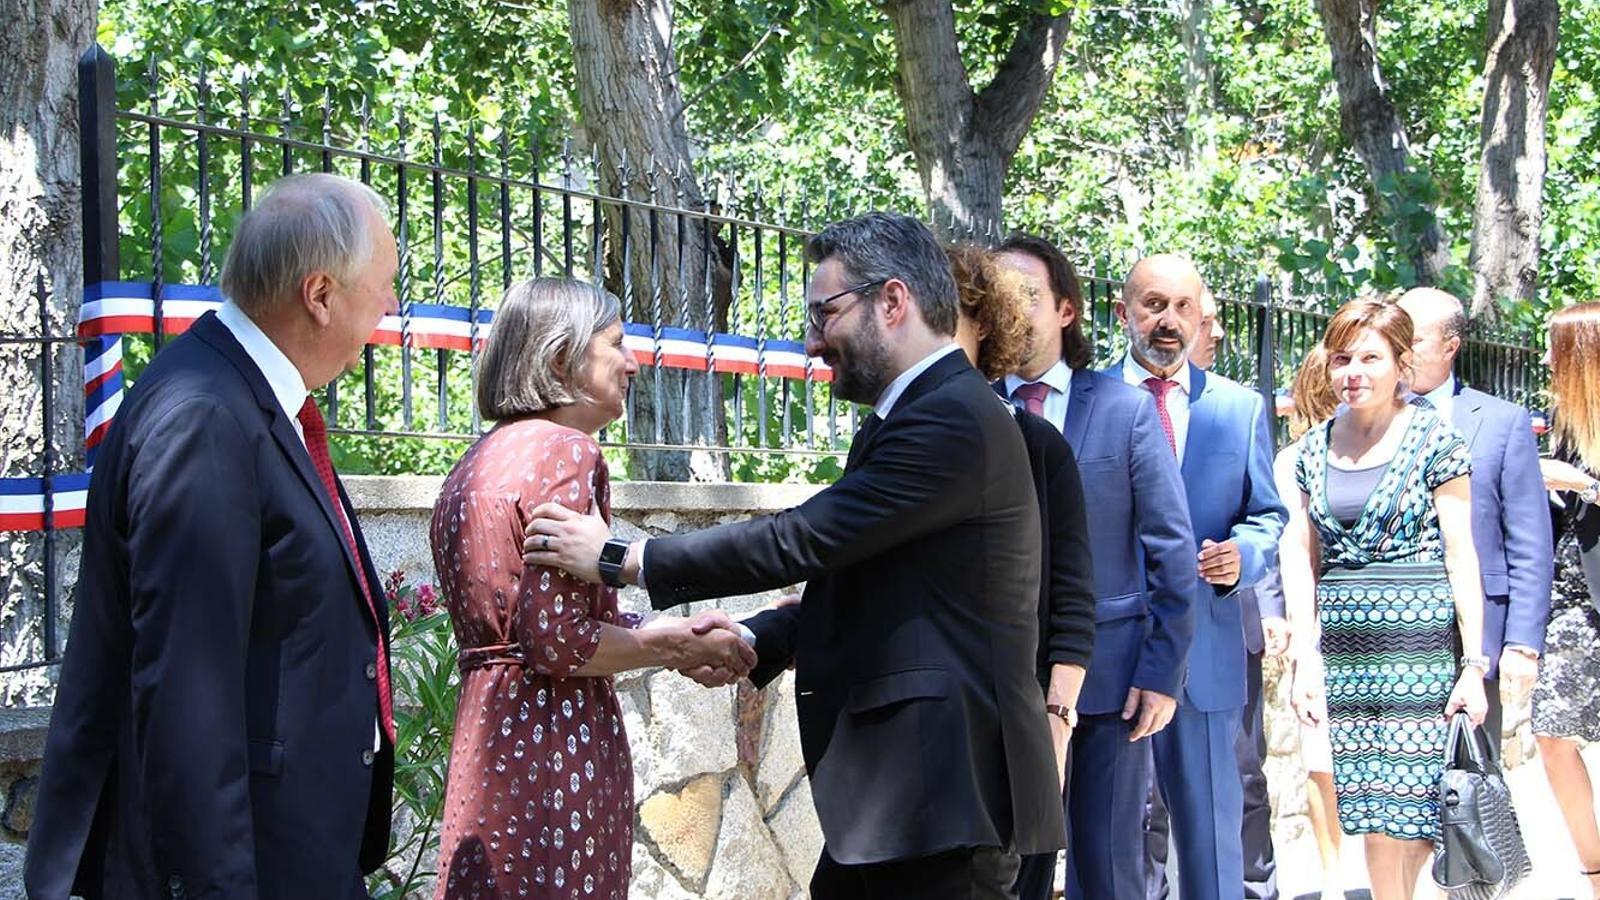 El ministre de Finances i portaveu, Eric Jover, saluda l'ambaixadora francesa, Jocelyne Caballero. / M. F. (ANA)